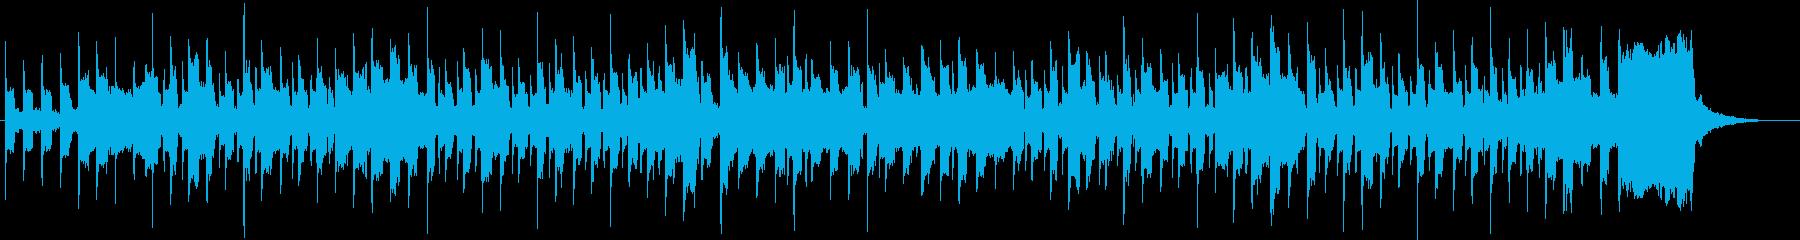 オルガンによる明るく無邪気なジングルの再生済みの波形